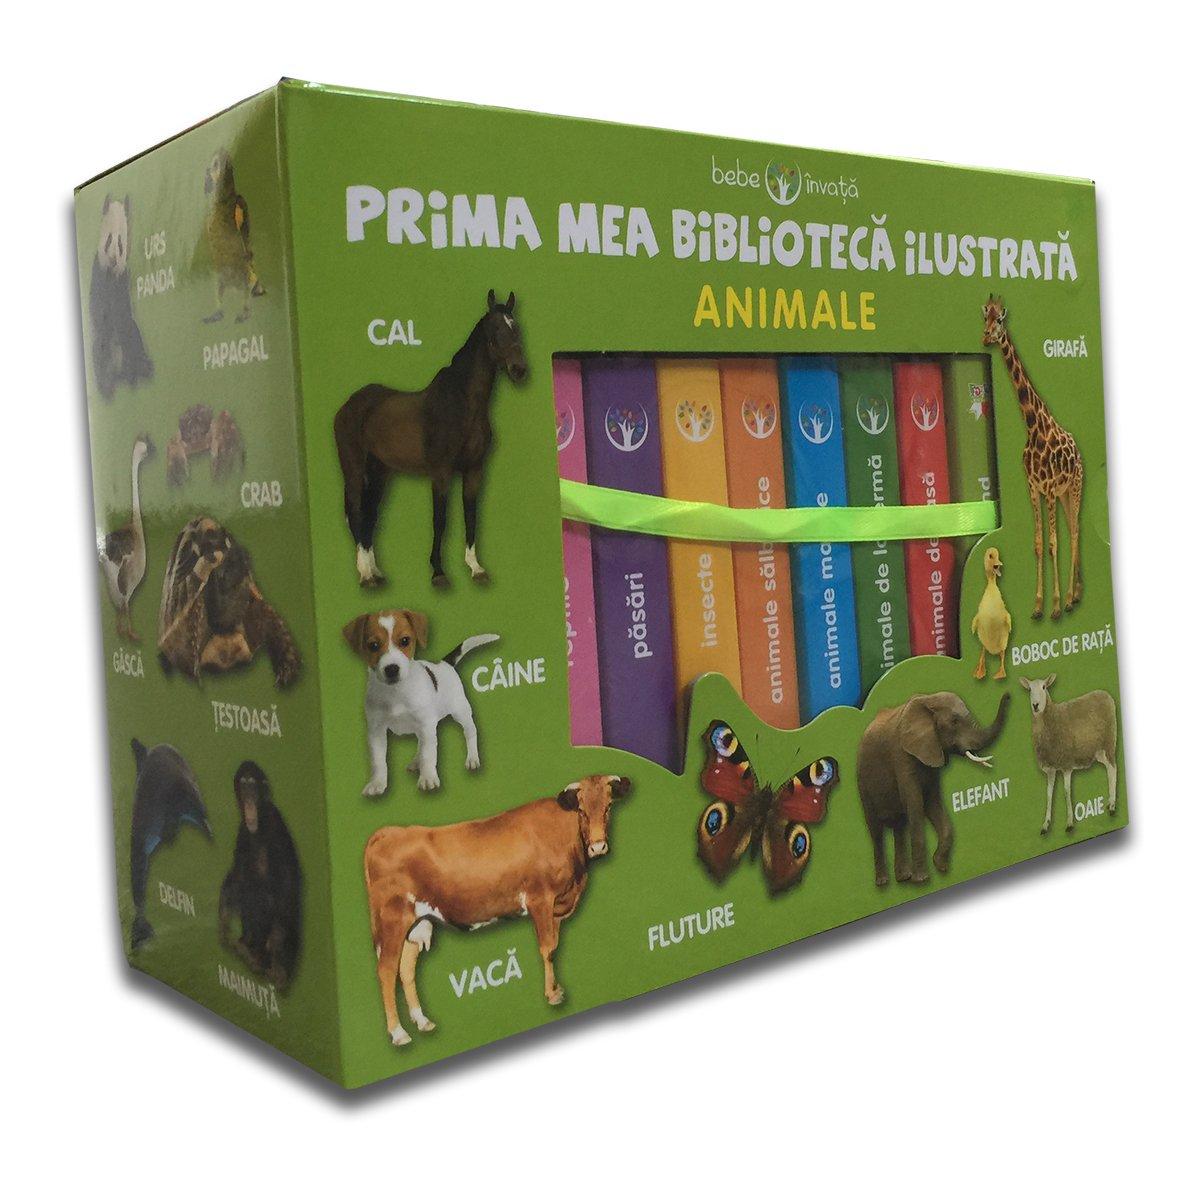 Set cutie cu 8 carticele bebe Editura Litera, Prima mea biblioteca ilustrata, Animale